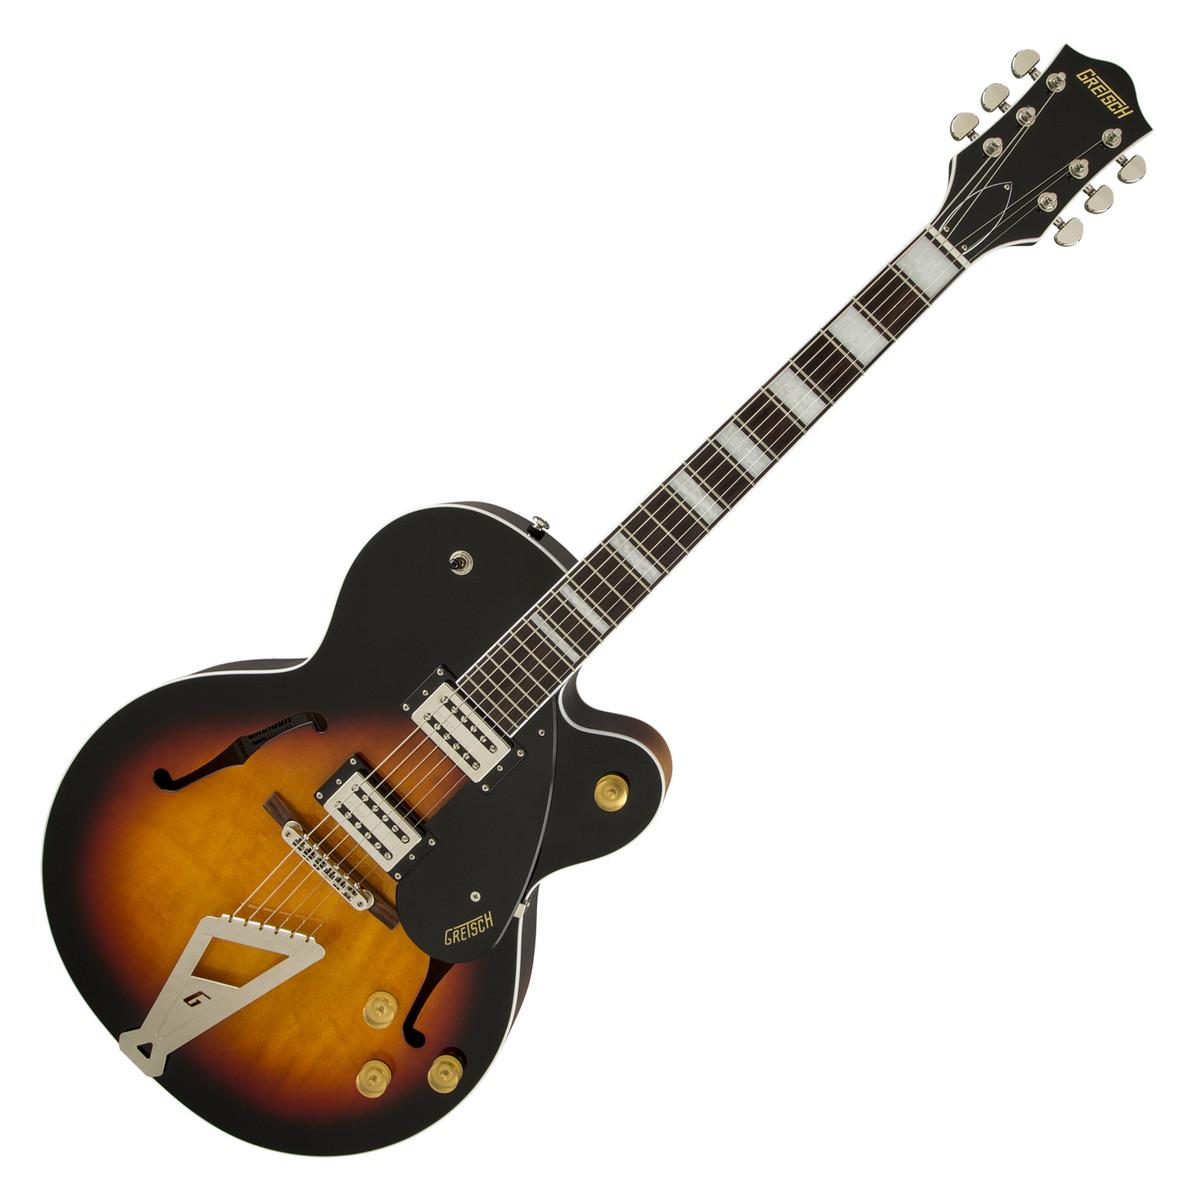 from Scott dating gretsch guitars